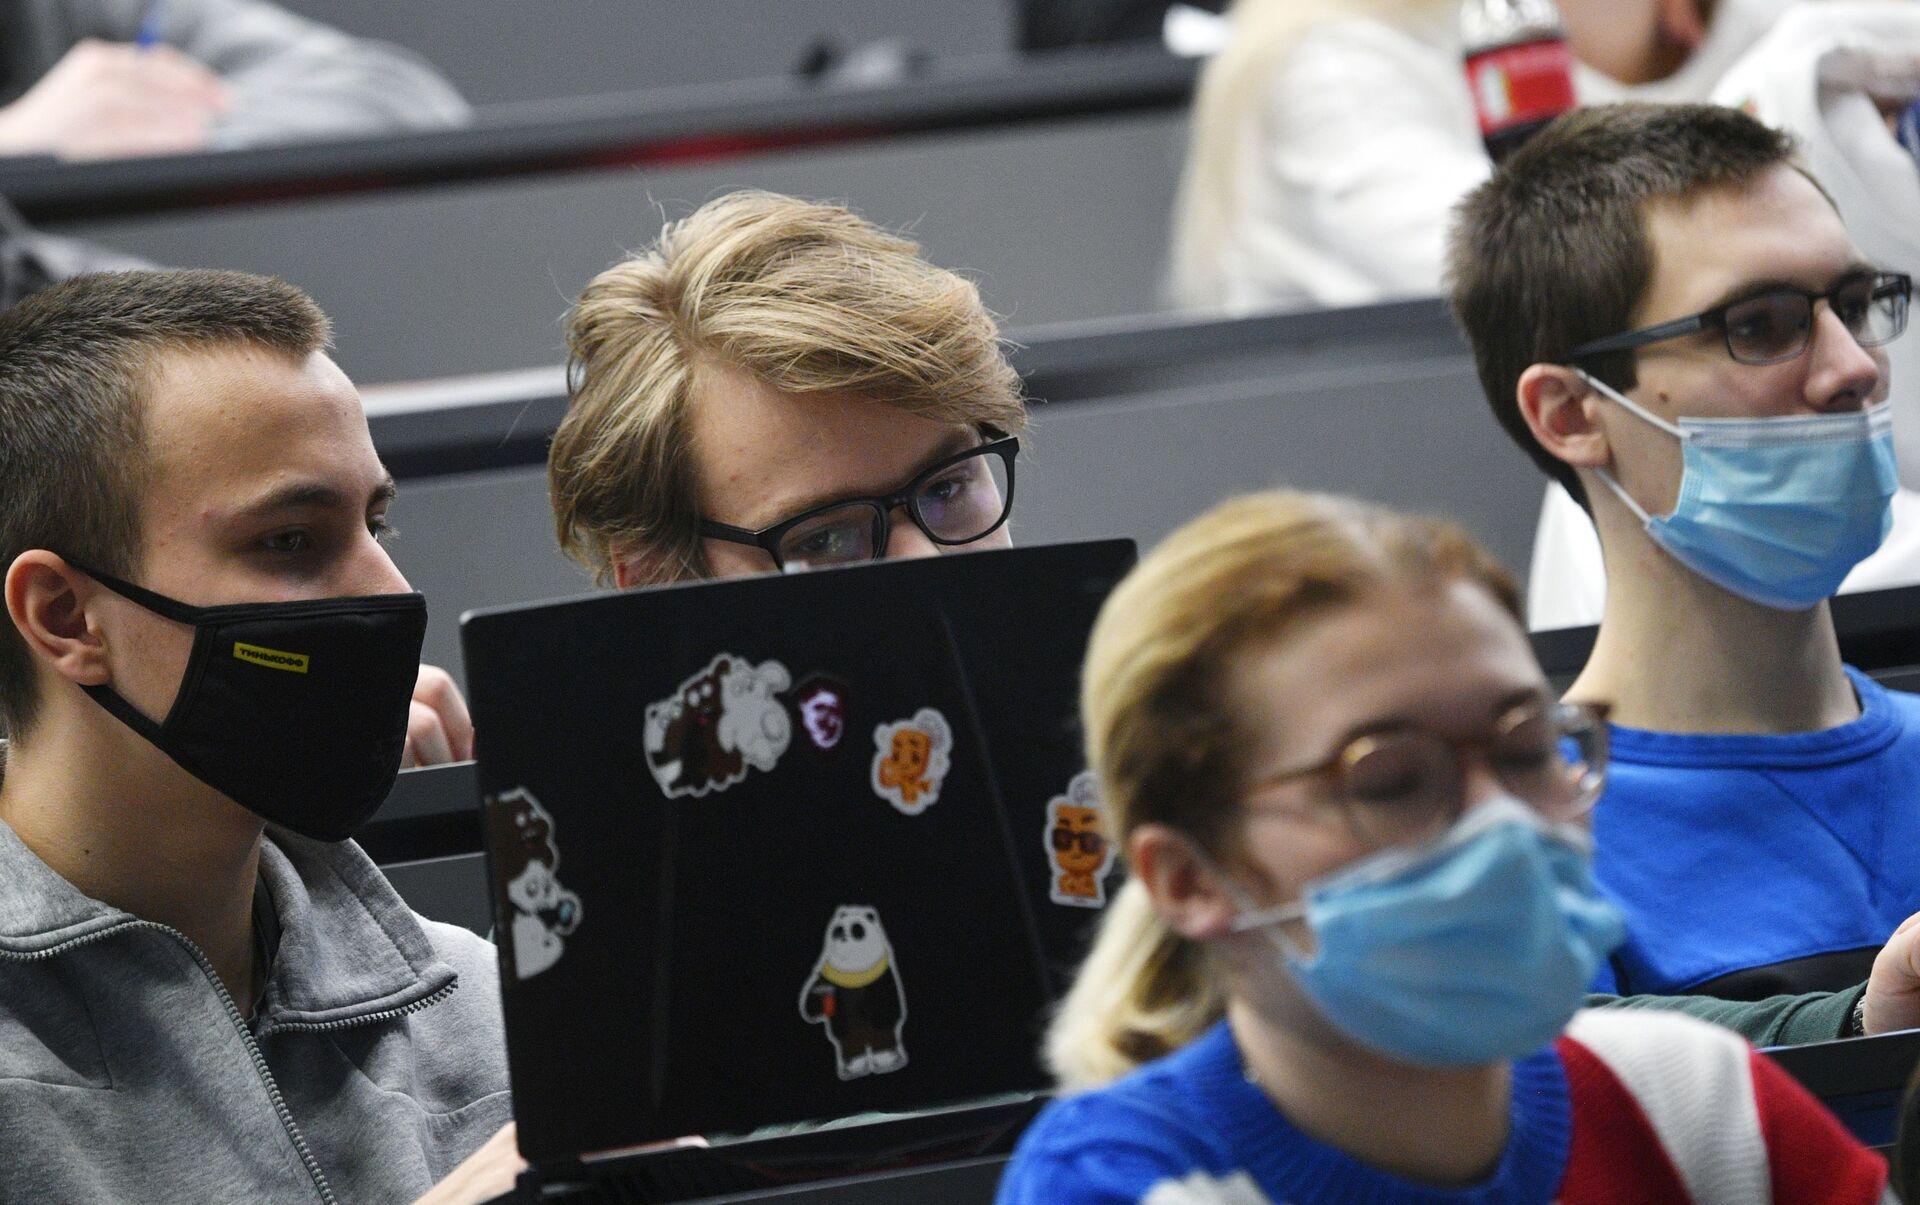 Covid, indossare male la mascherina può causare la sindrome dell'occhio secco - Sputnik Italia, 1920, 27.02.2021